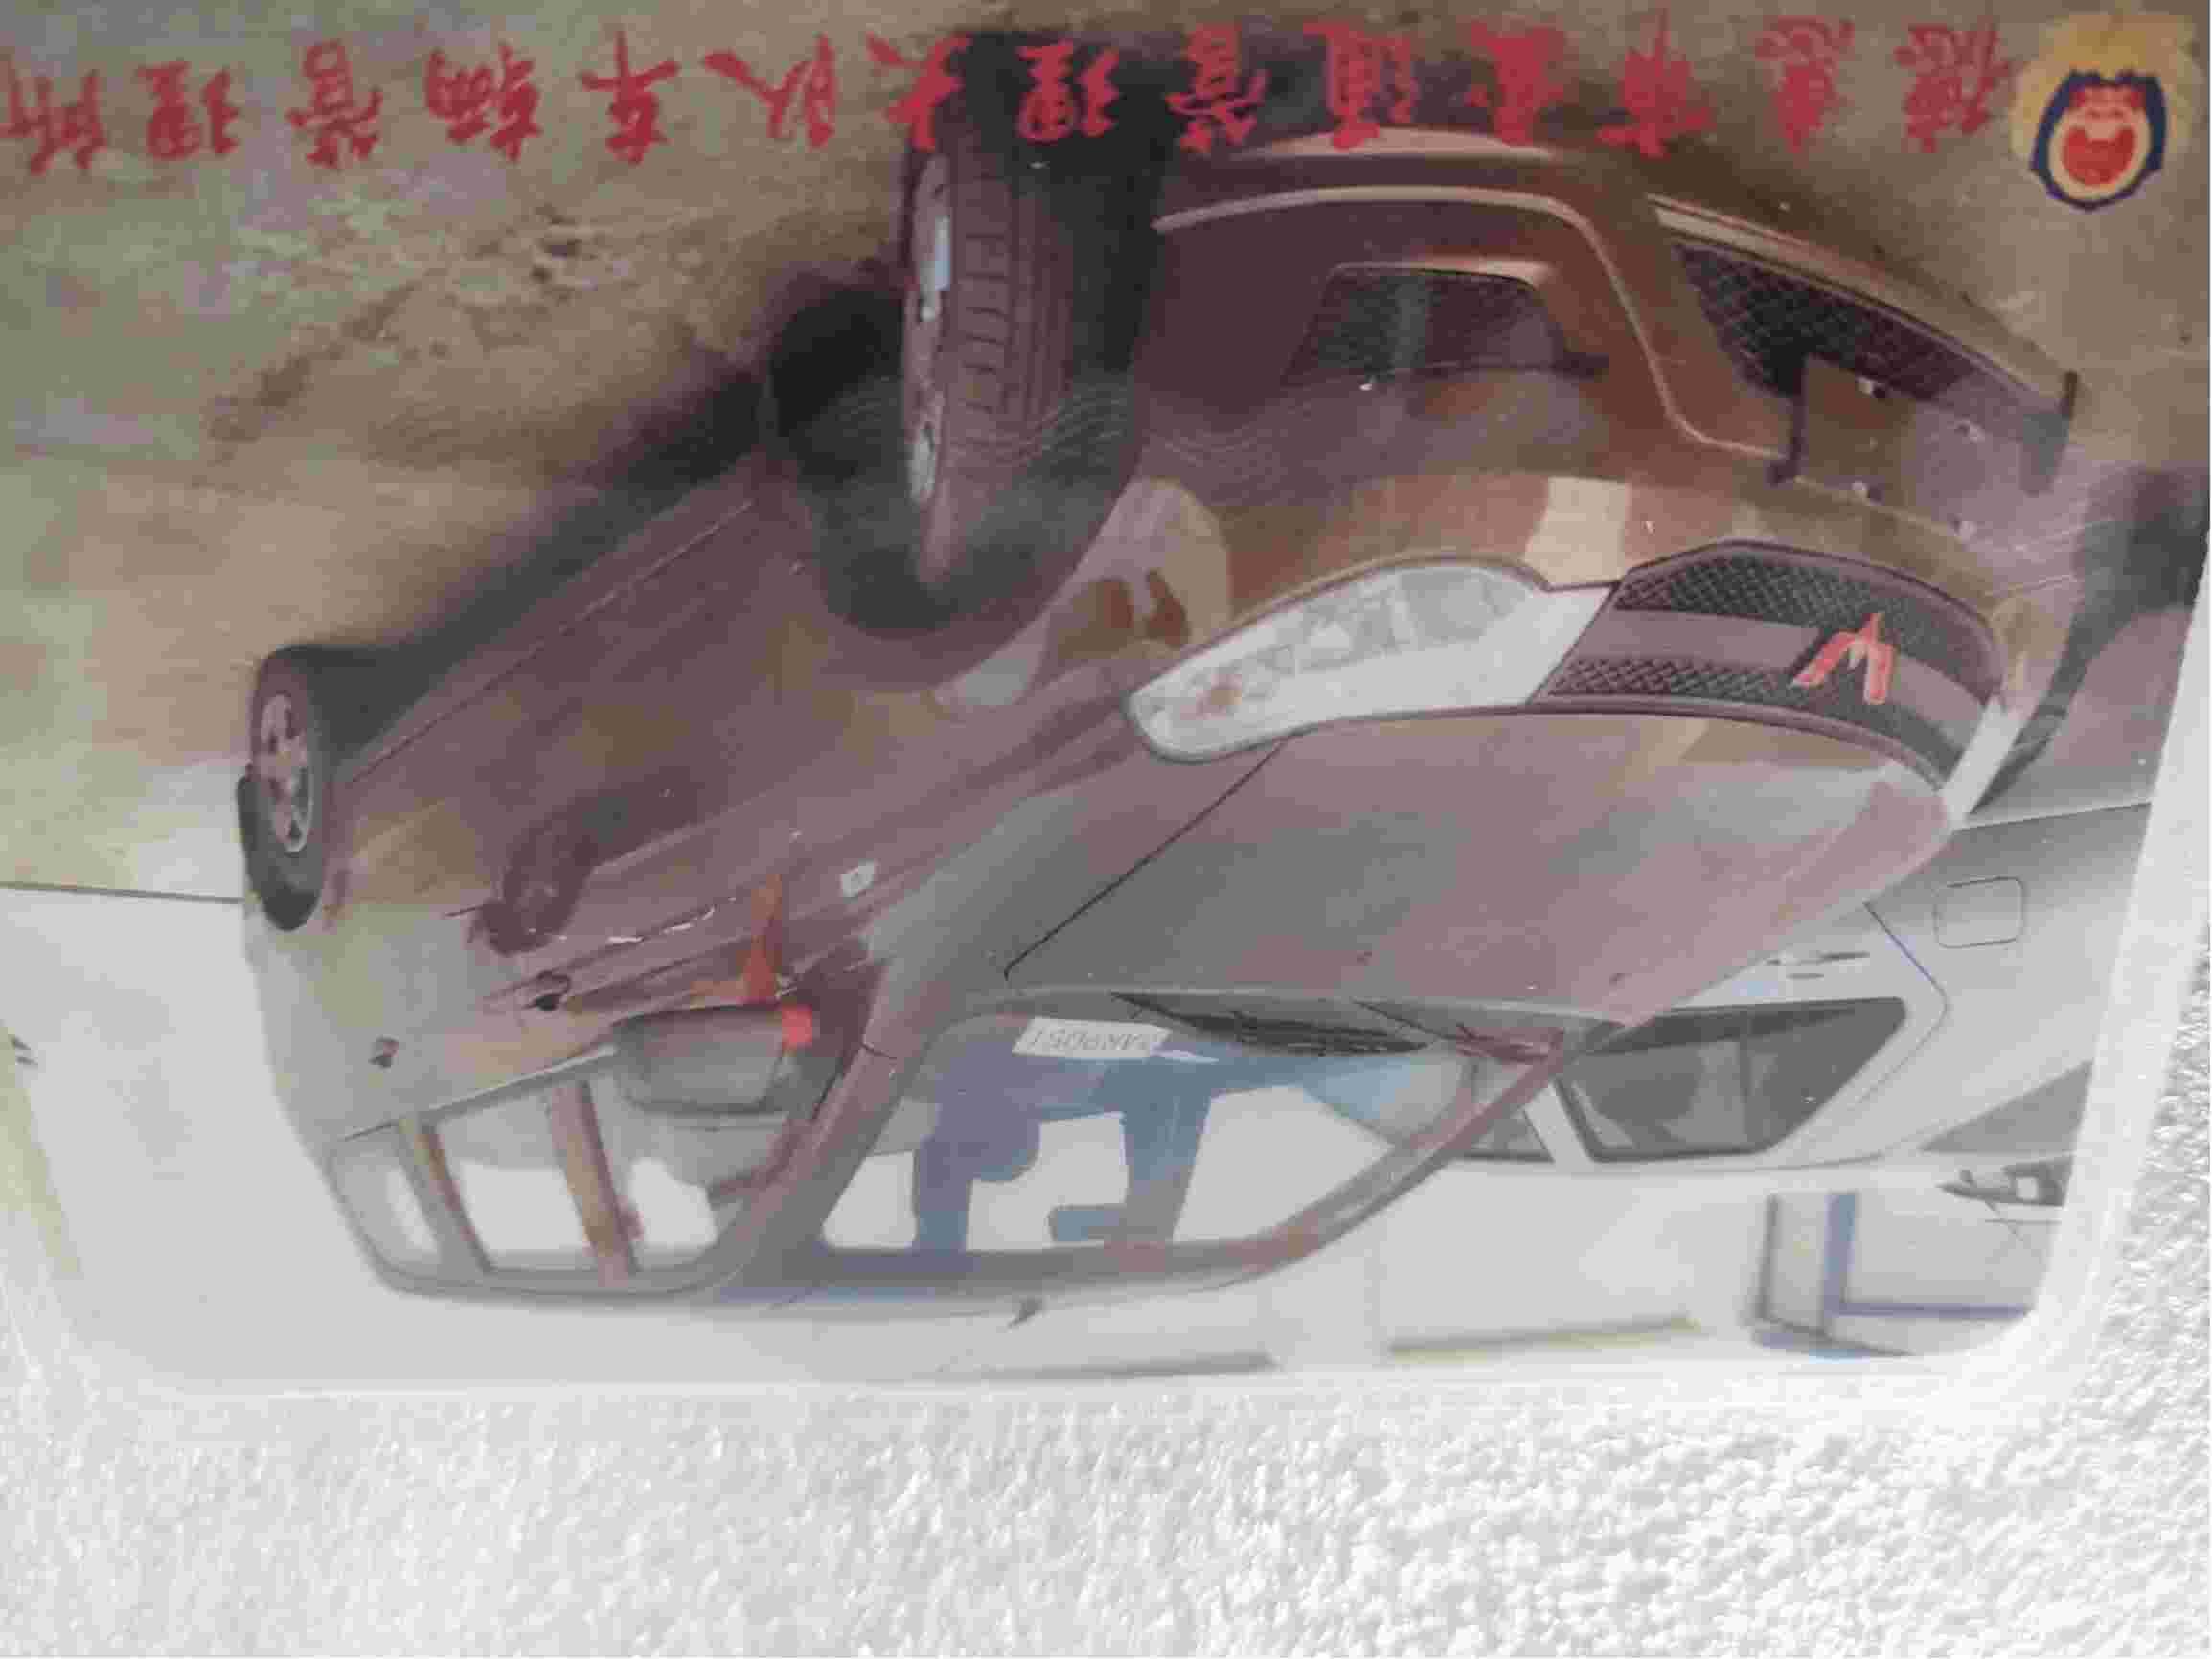 新车差速器坏了,厂家和售后不予受理,推托责任。